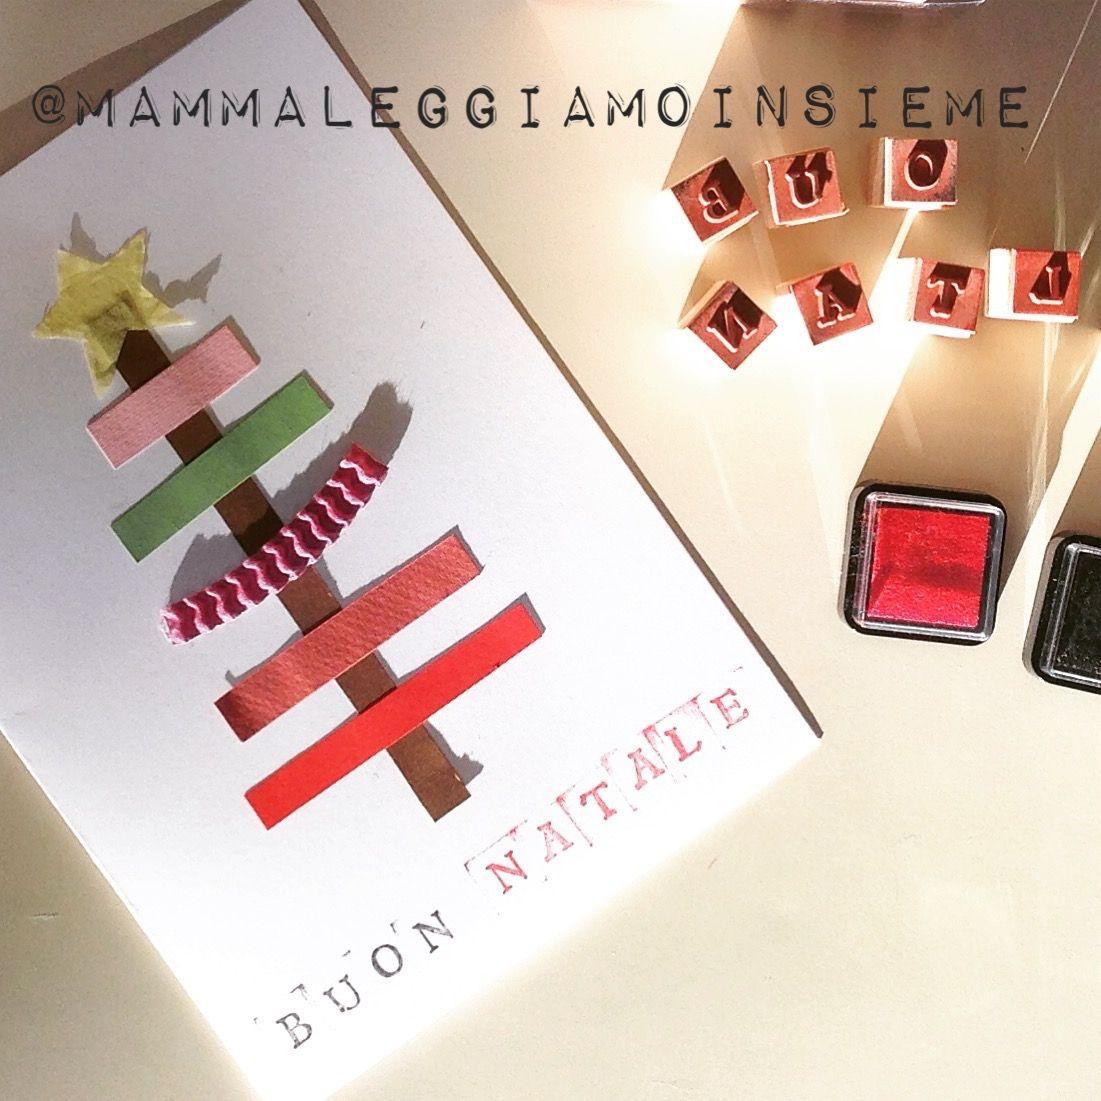 Biglietti Di Natale Semplici Per Bambini.Biglietti Di Natale Fatti A Mano Semplici Adatti Anche Da Fare A